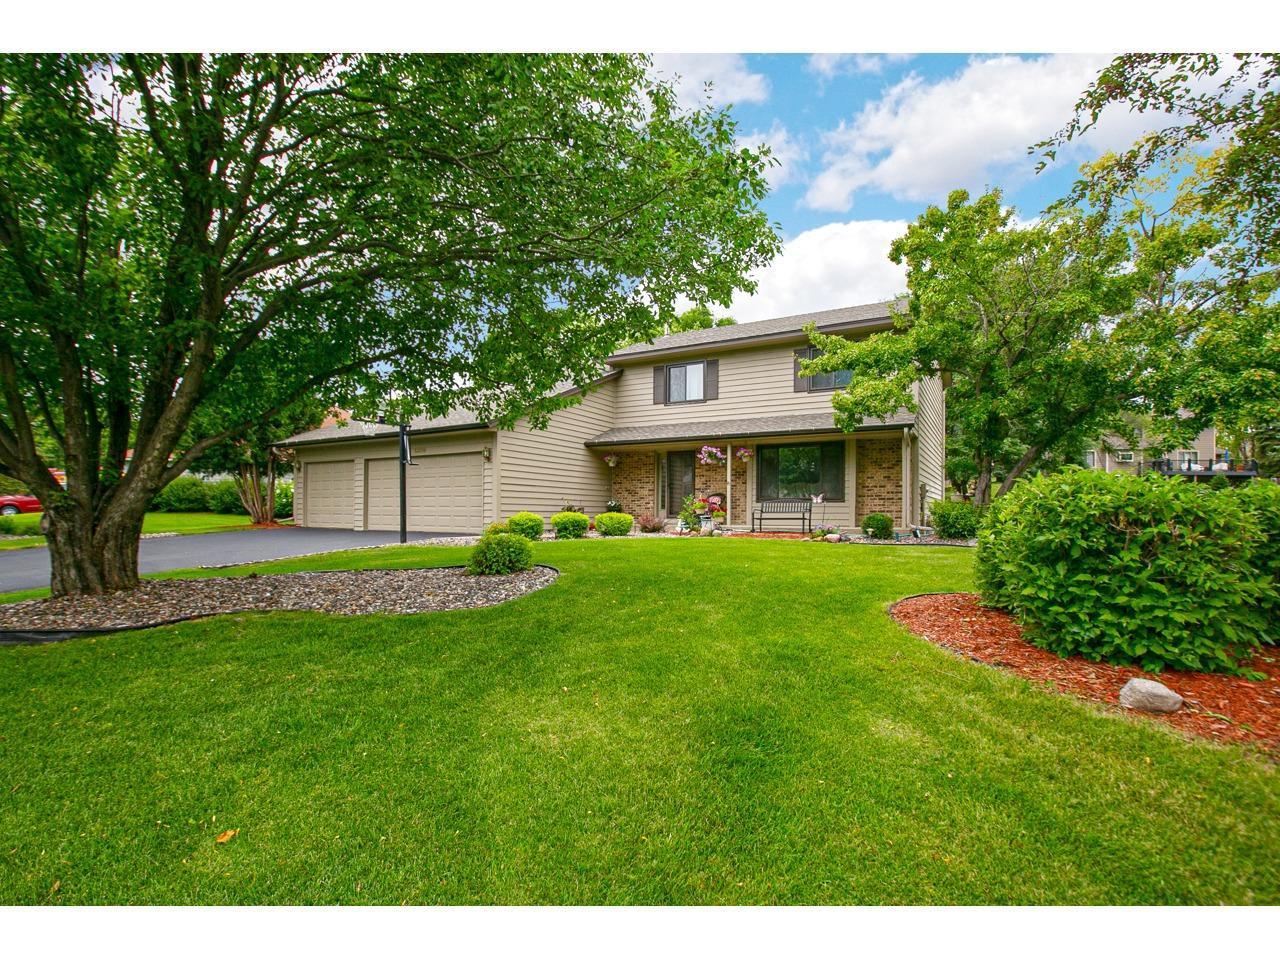 13299 Kerry Lane Property Photo - Eden Prairie, MN real estate listing